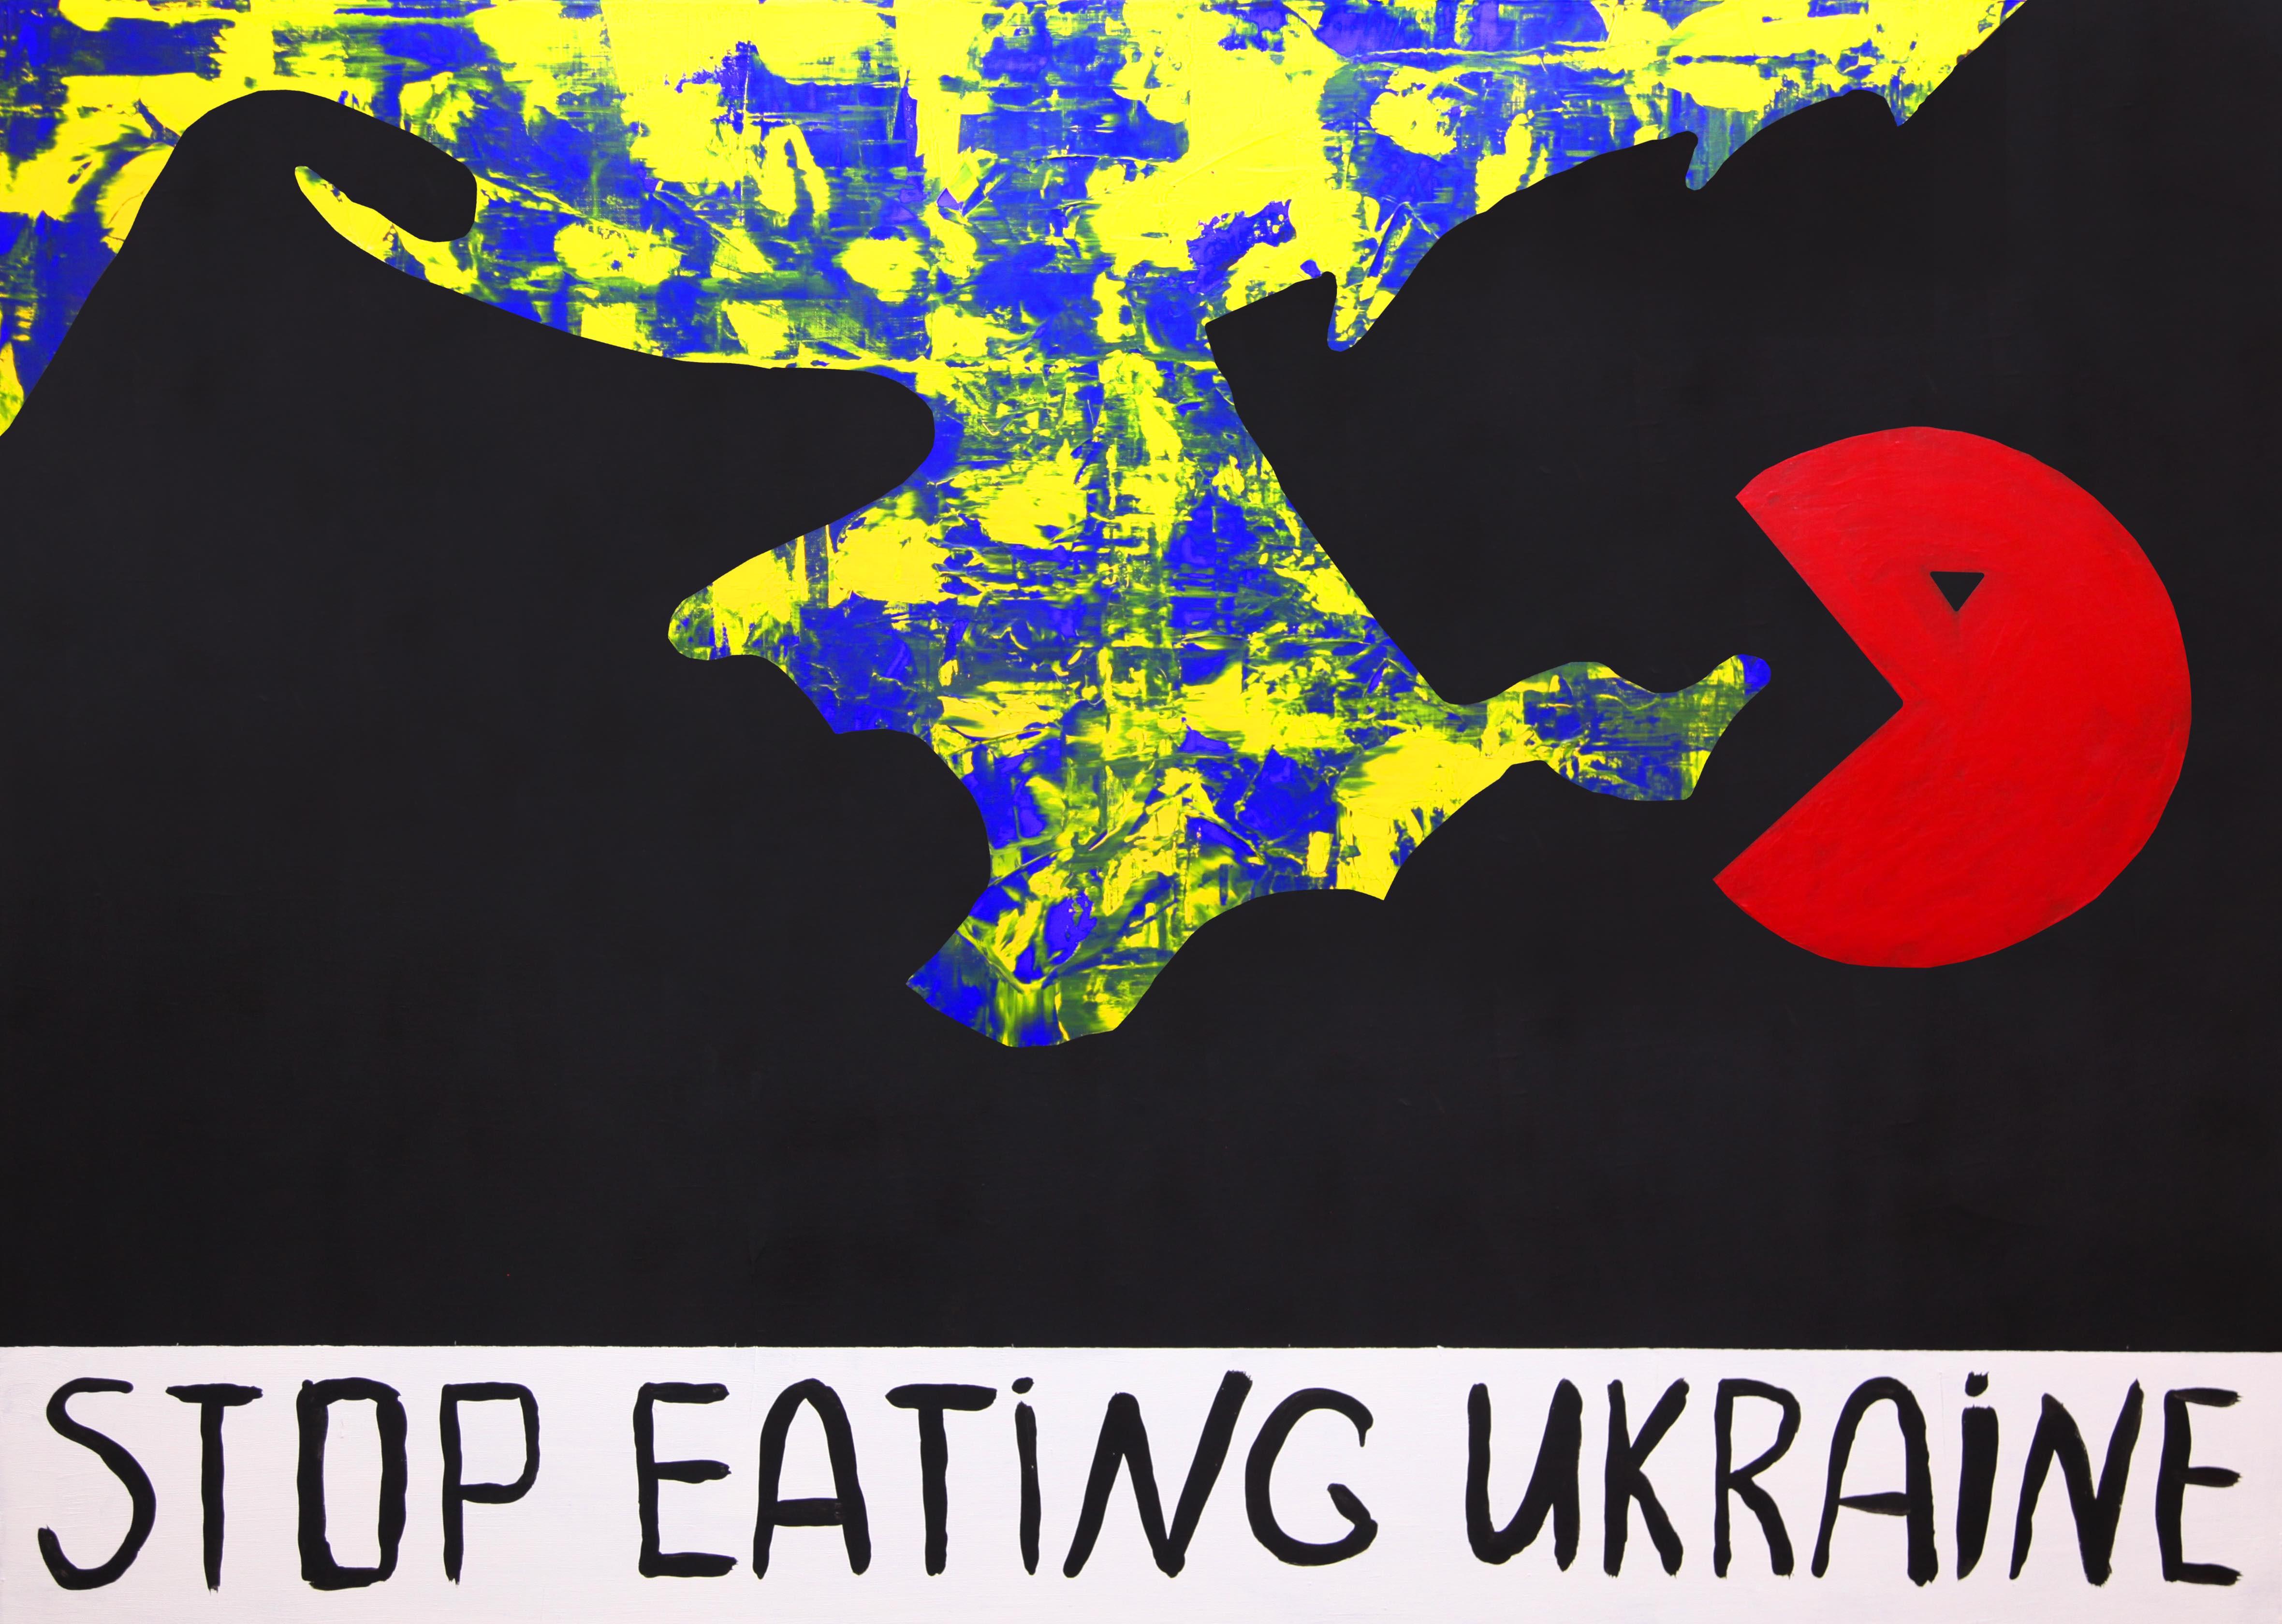 У Києві пройде виставка картин російського опозиціонера STOP EATING UKRAINE - фото 1